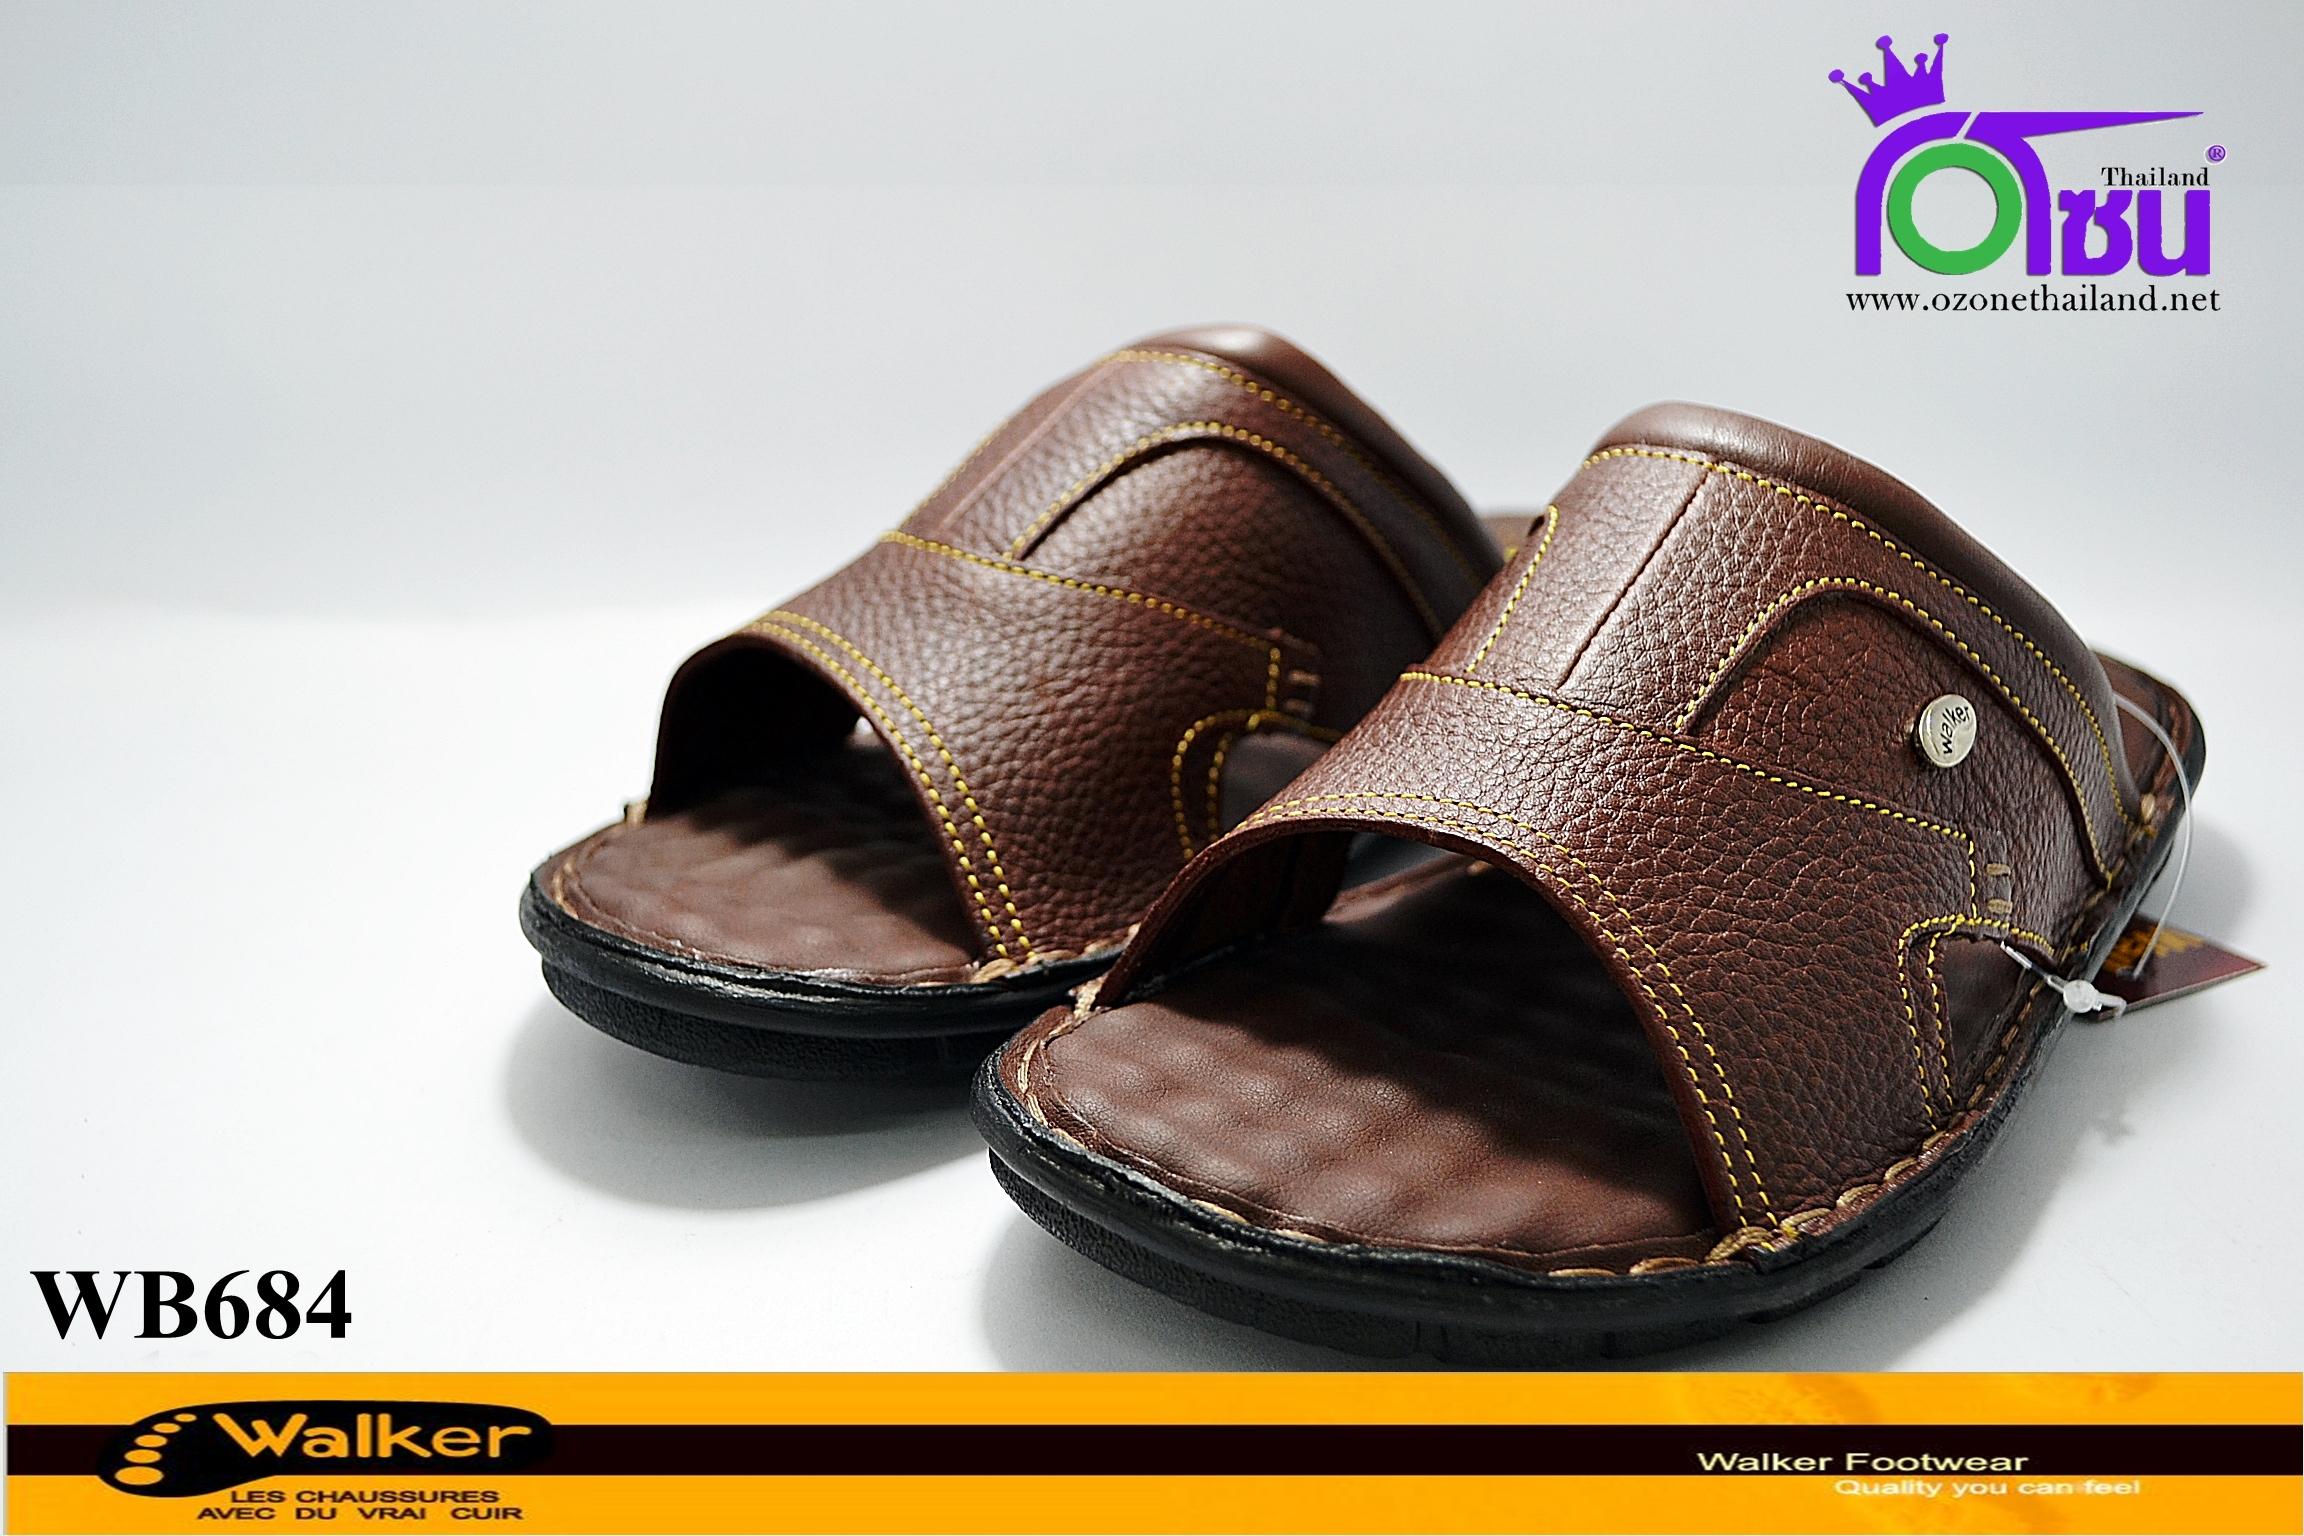 รองเท้า Walker วอร์เกอร์ ชายรุ่นWB684 สีน้ำตาล เบอร์40-45